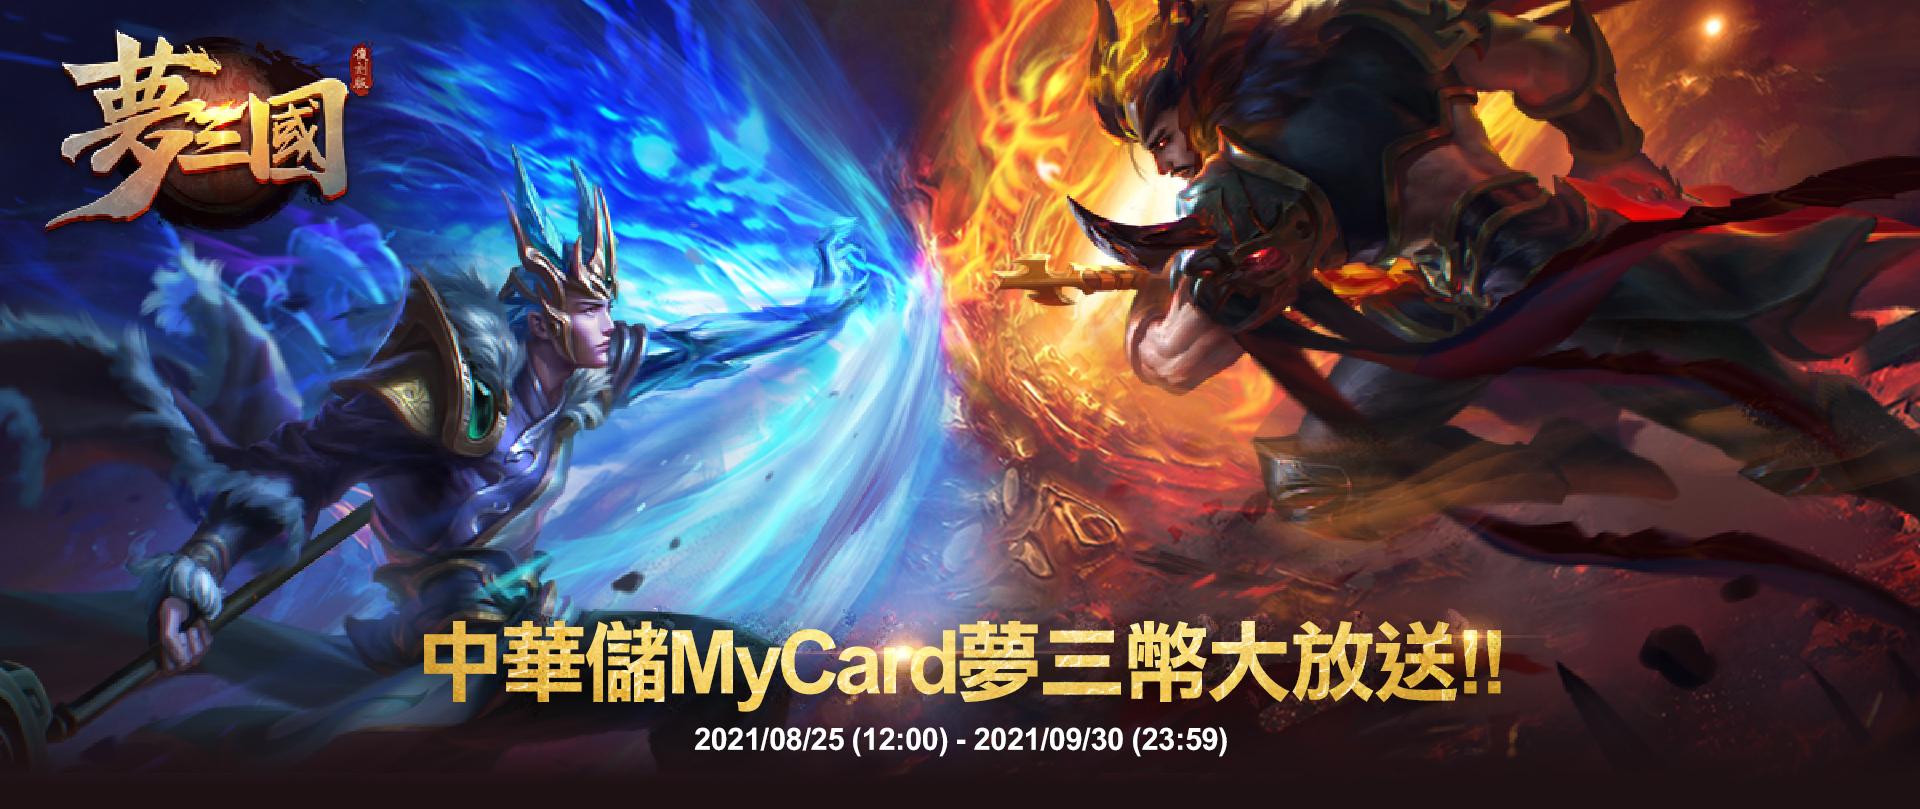 《夢三國復刻版》MyCard儲值夢三幣大放送 | 中華